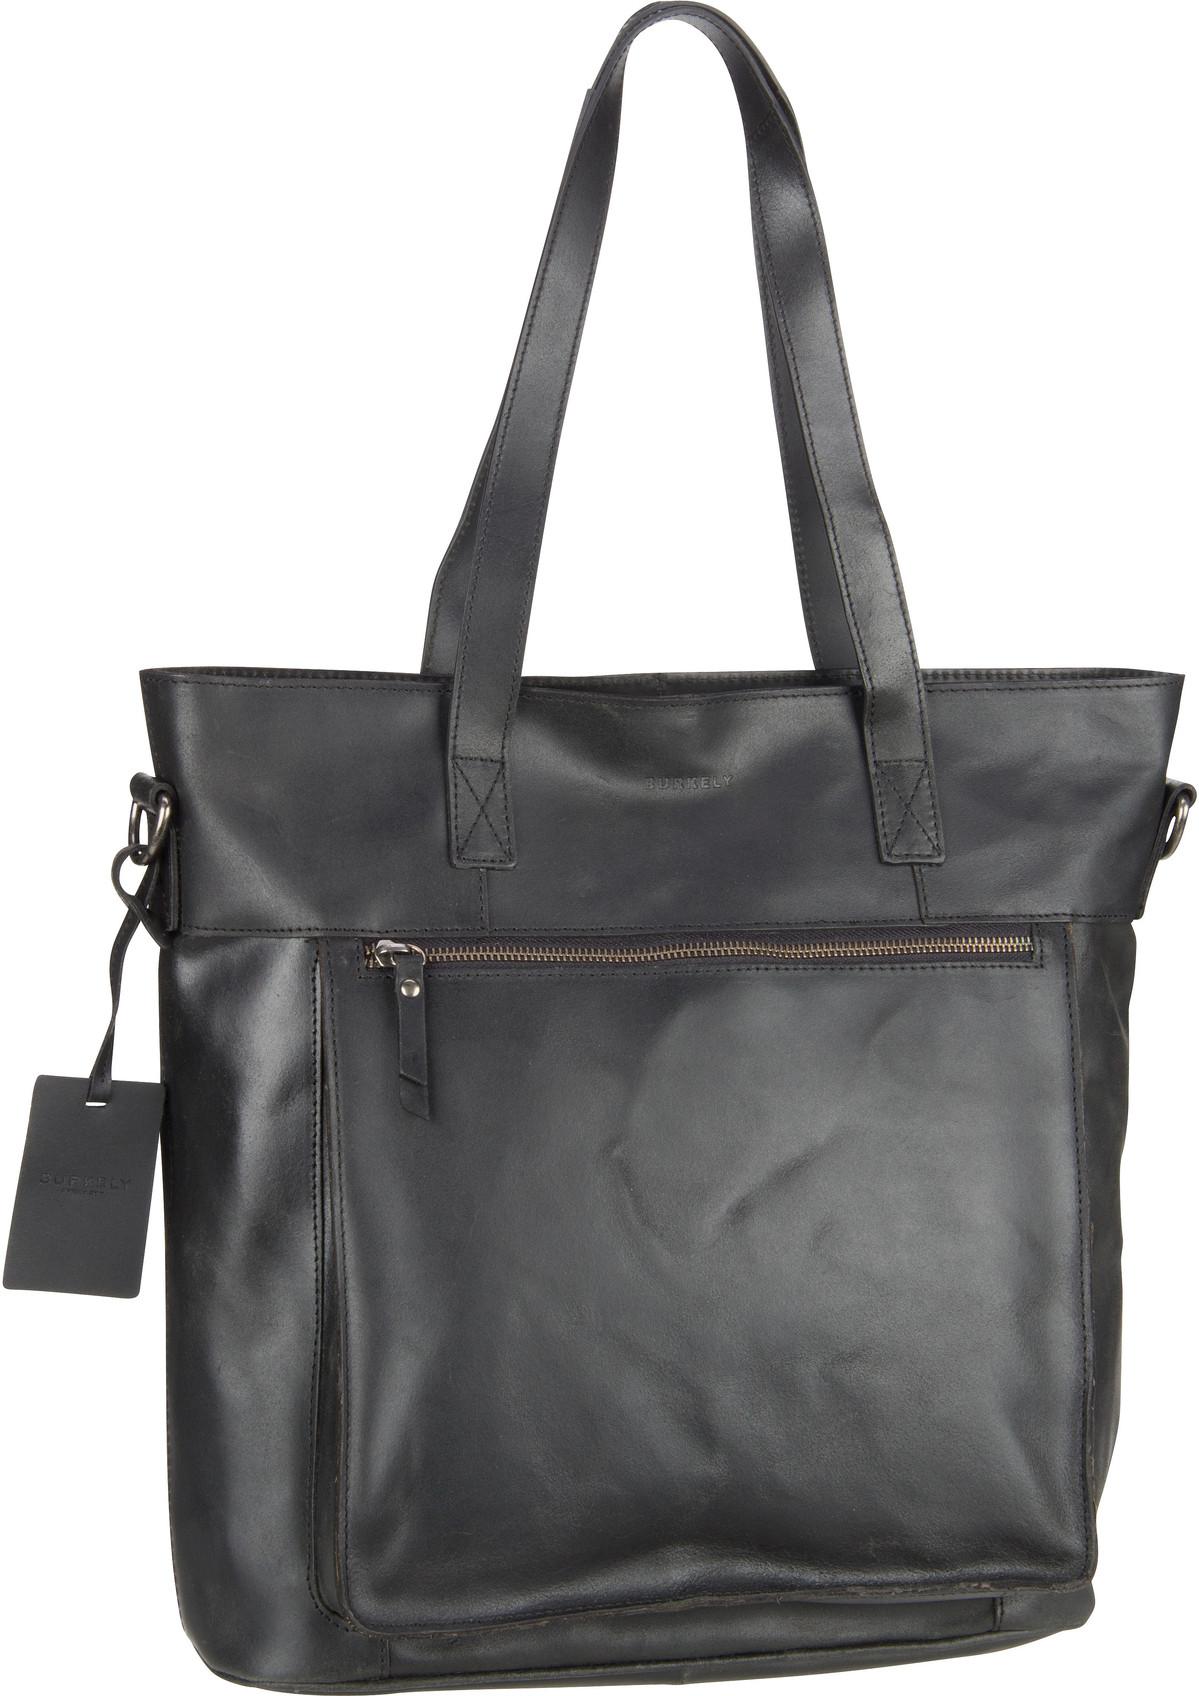 burkely -  Handtasche Vintage Jade Shopper 7003 Black